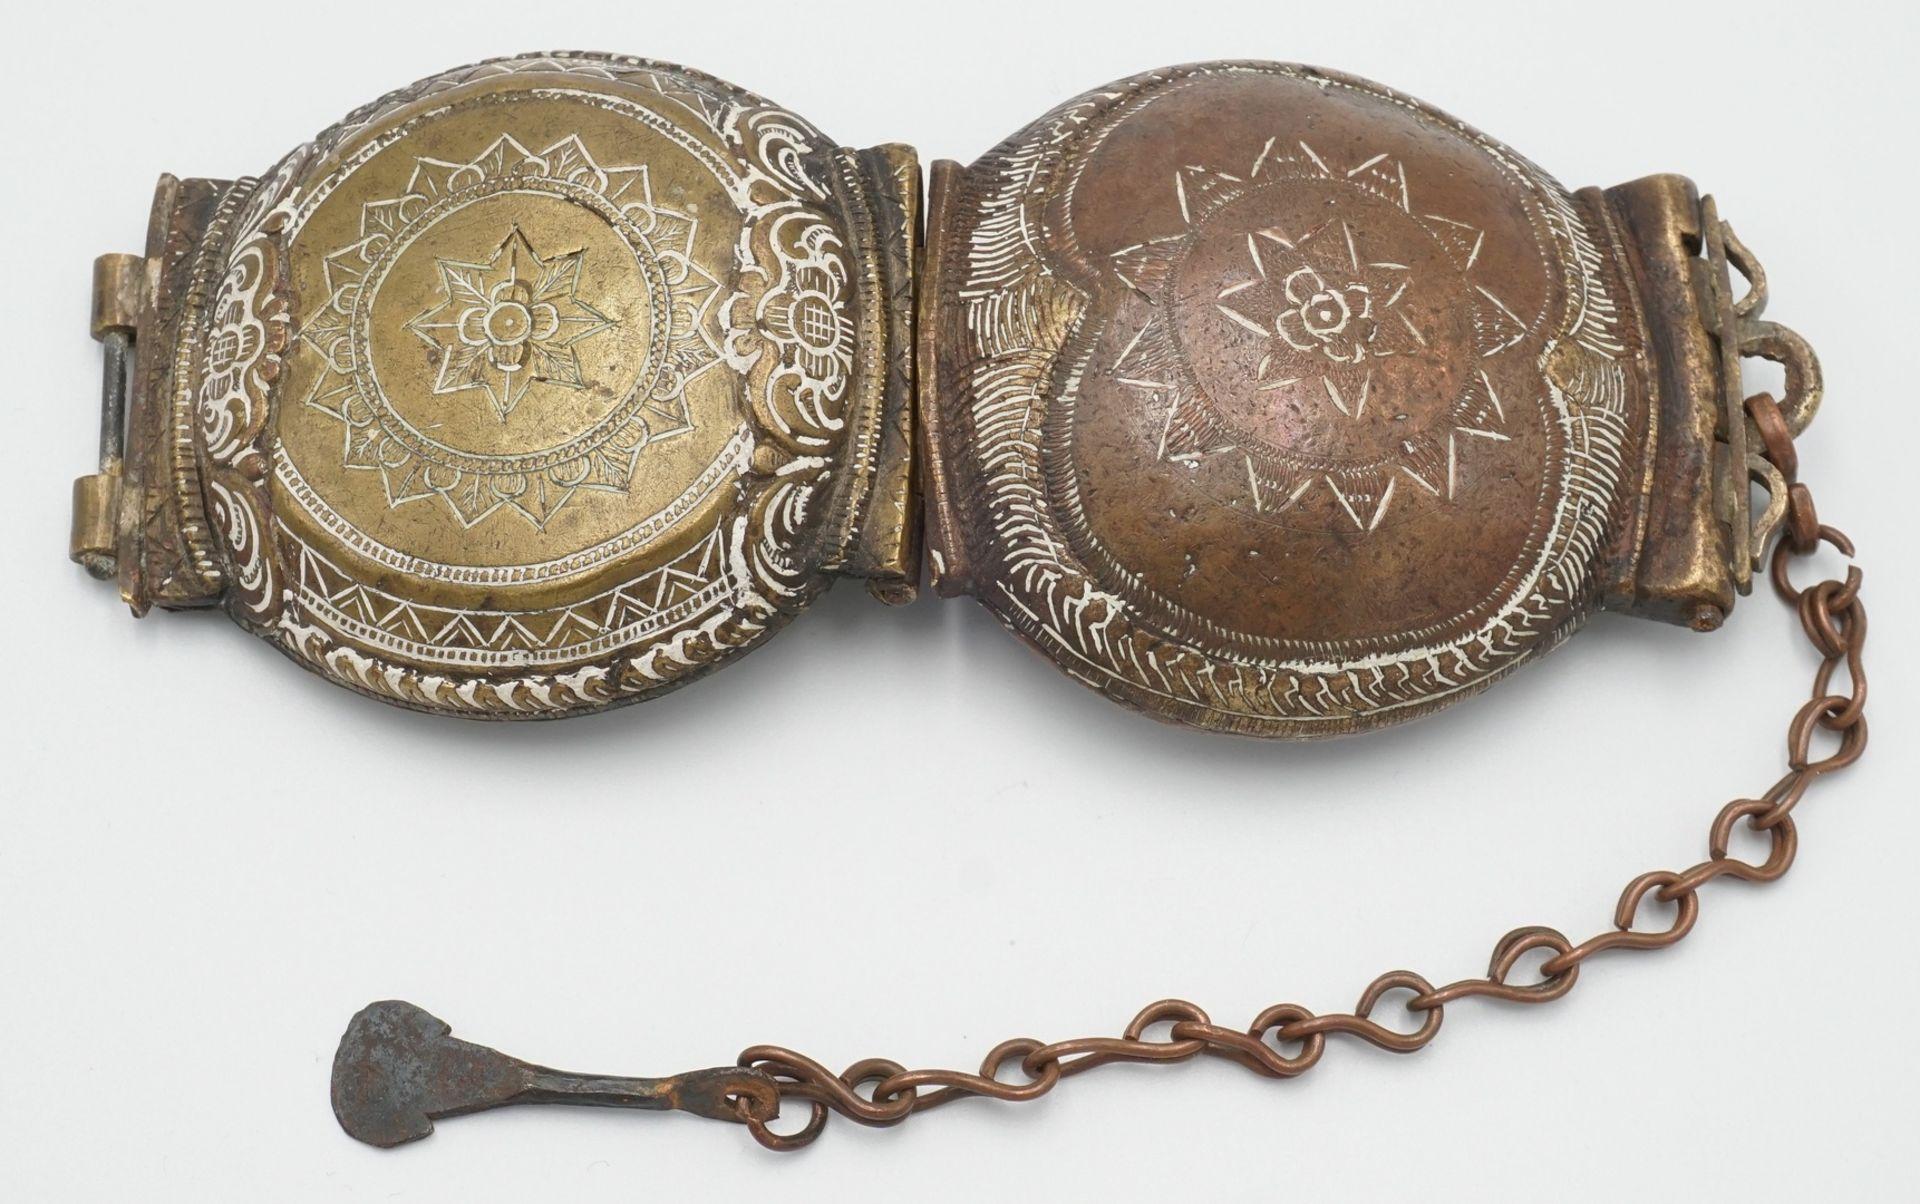 Liturgisches Gefäß / Deckeldose mit Spatel, Tibet, 19. Jh. - Bild 4 aus 4